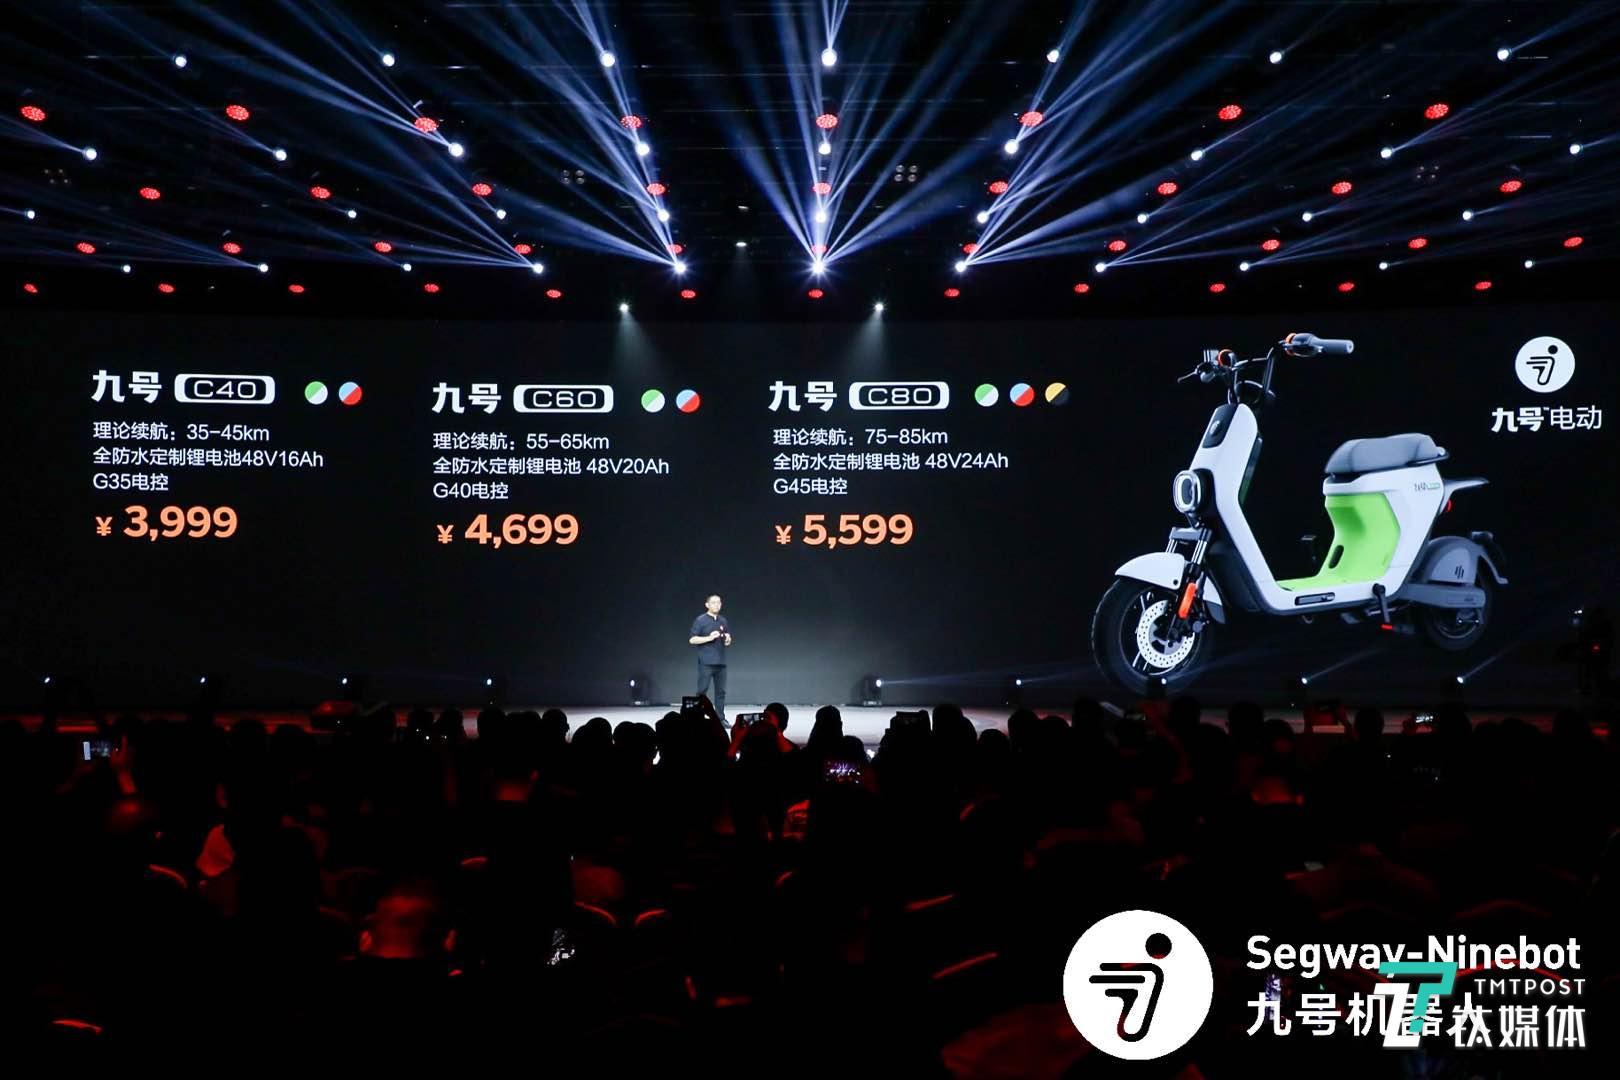 C系列产品价格一览